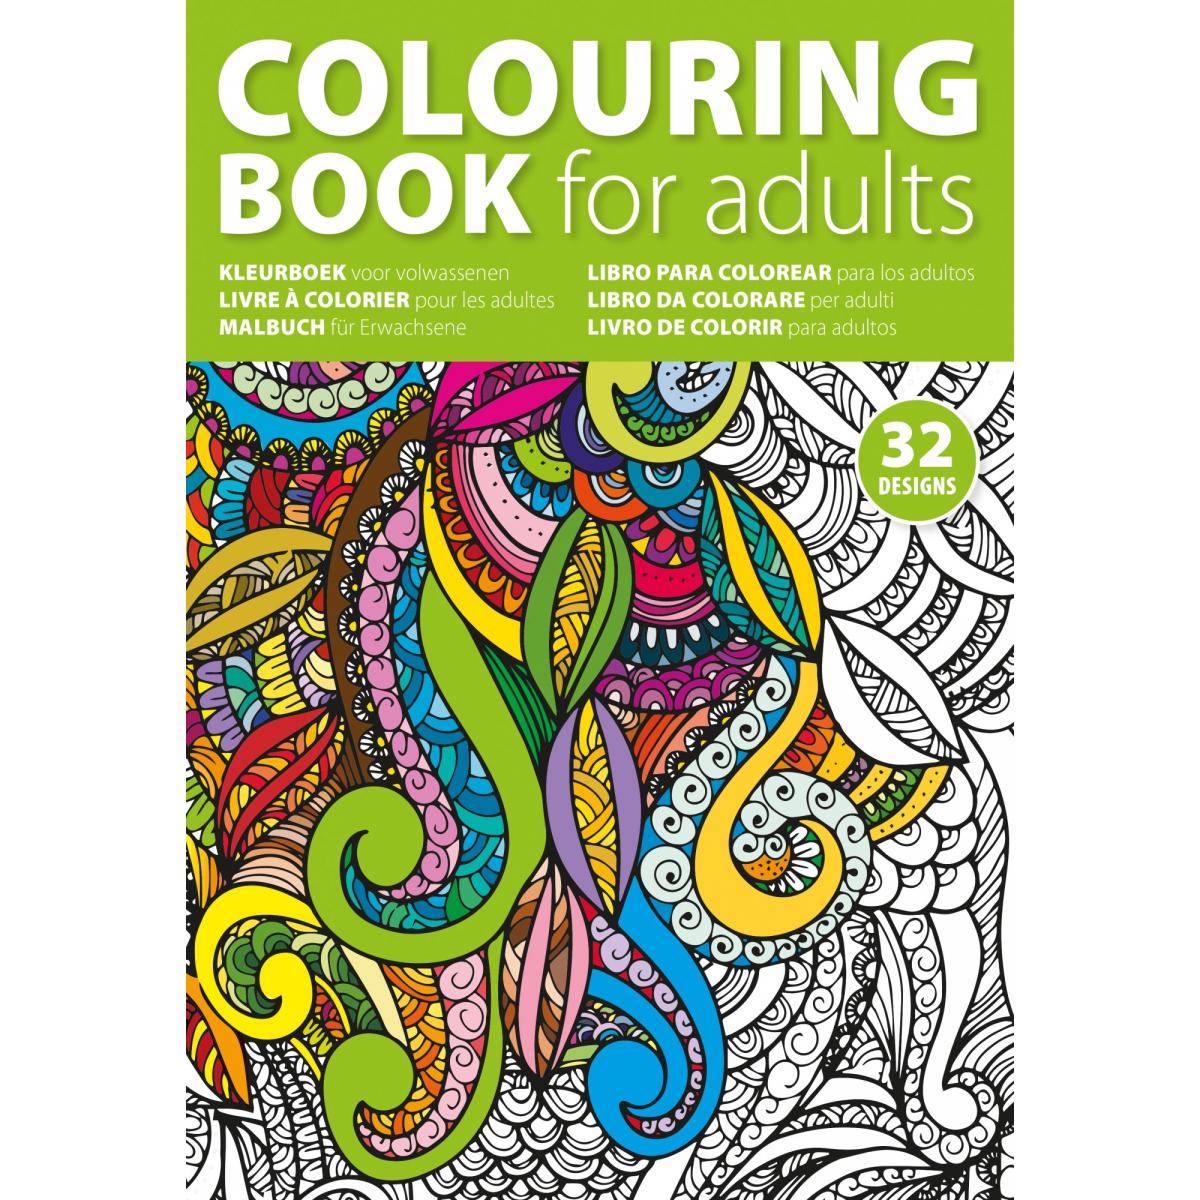 Kleurplaten Voor Volwassenen A4 Formaat.Kleurboeken Vanaf 0 91 Per Stuk Super Snel Nl